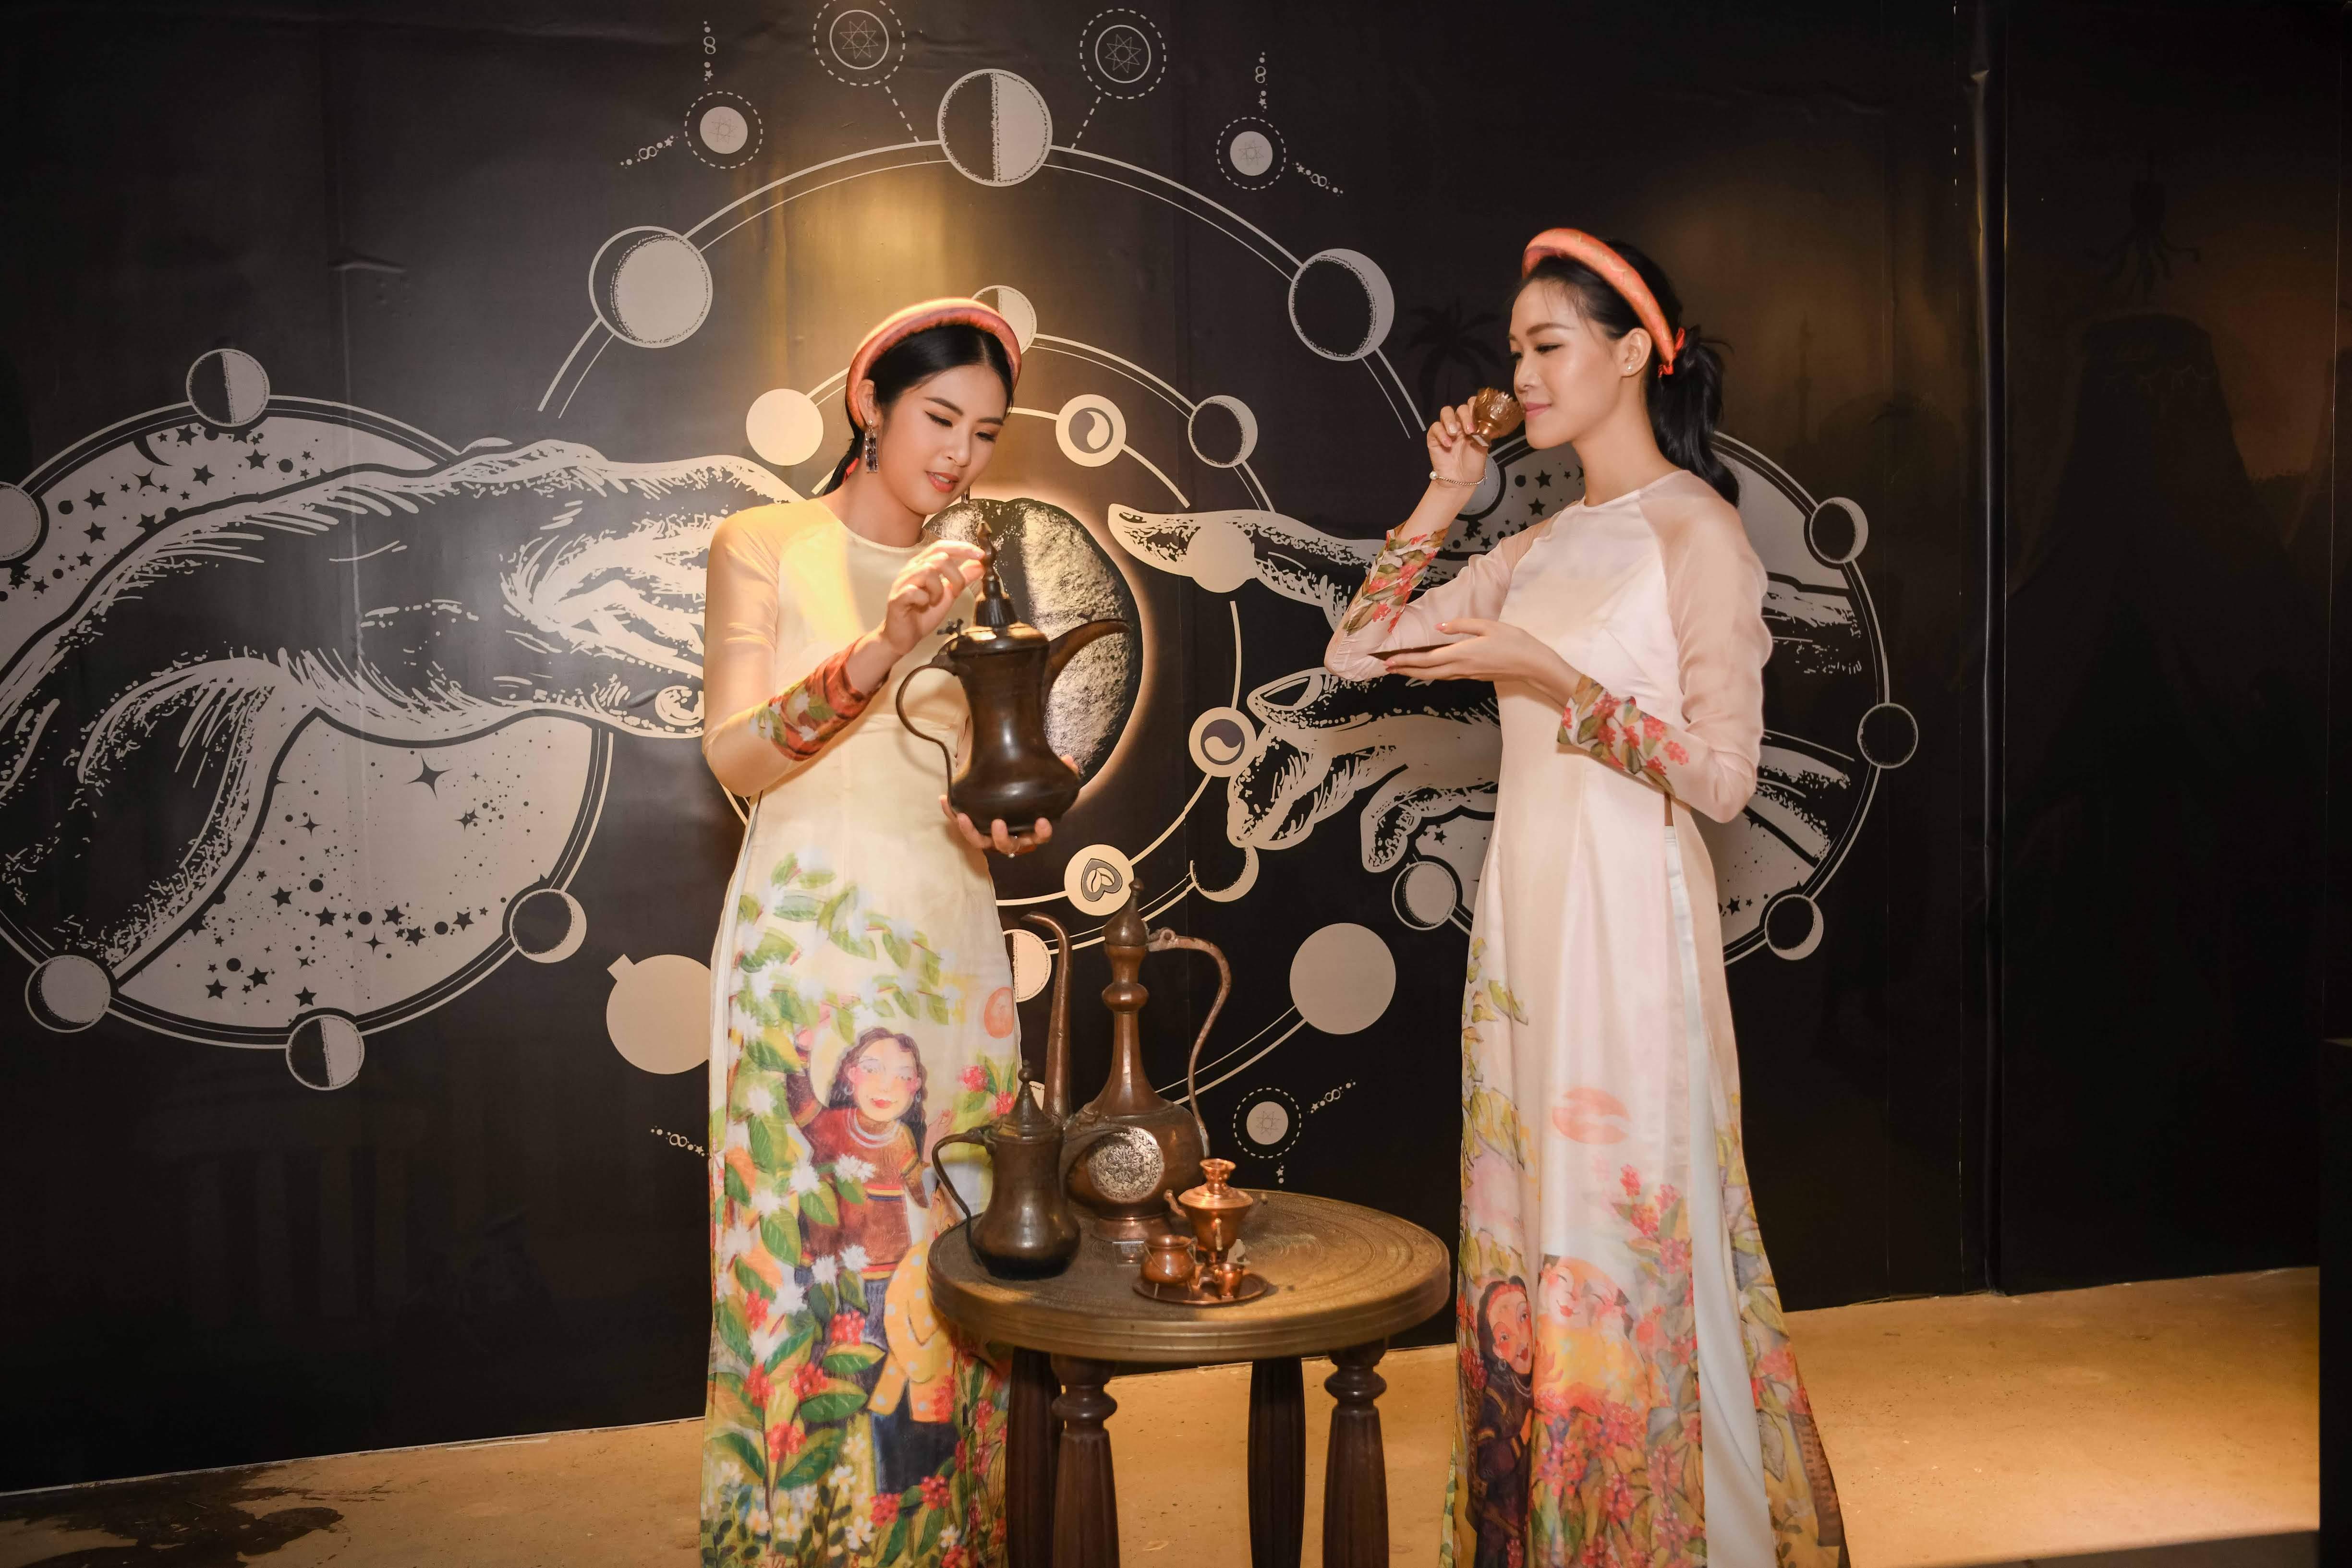 Hoa hậu Thùy Dung tái xuất, ngỡ ngàng nhan sắc sau 10 năm đăng quang 5